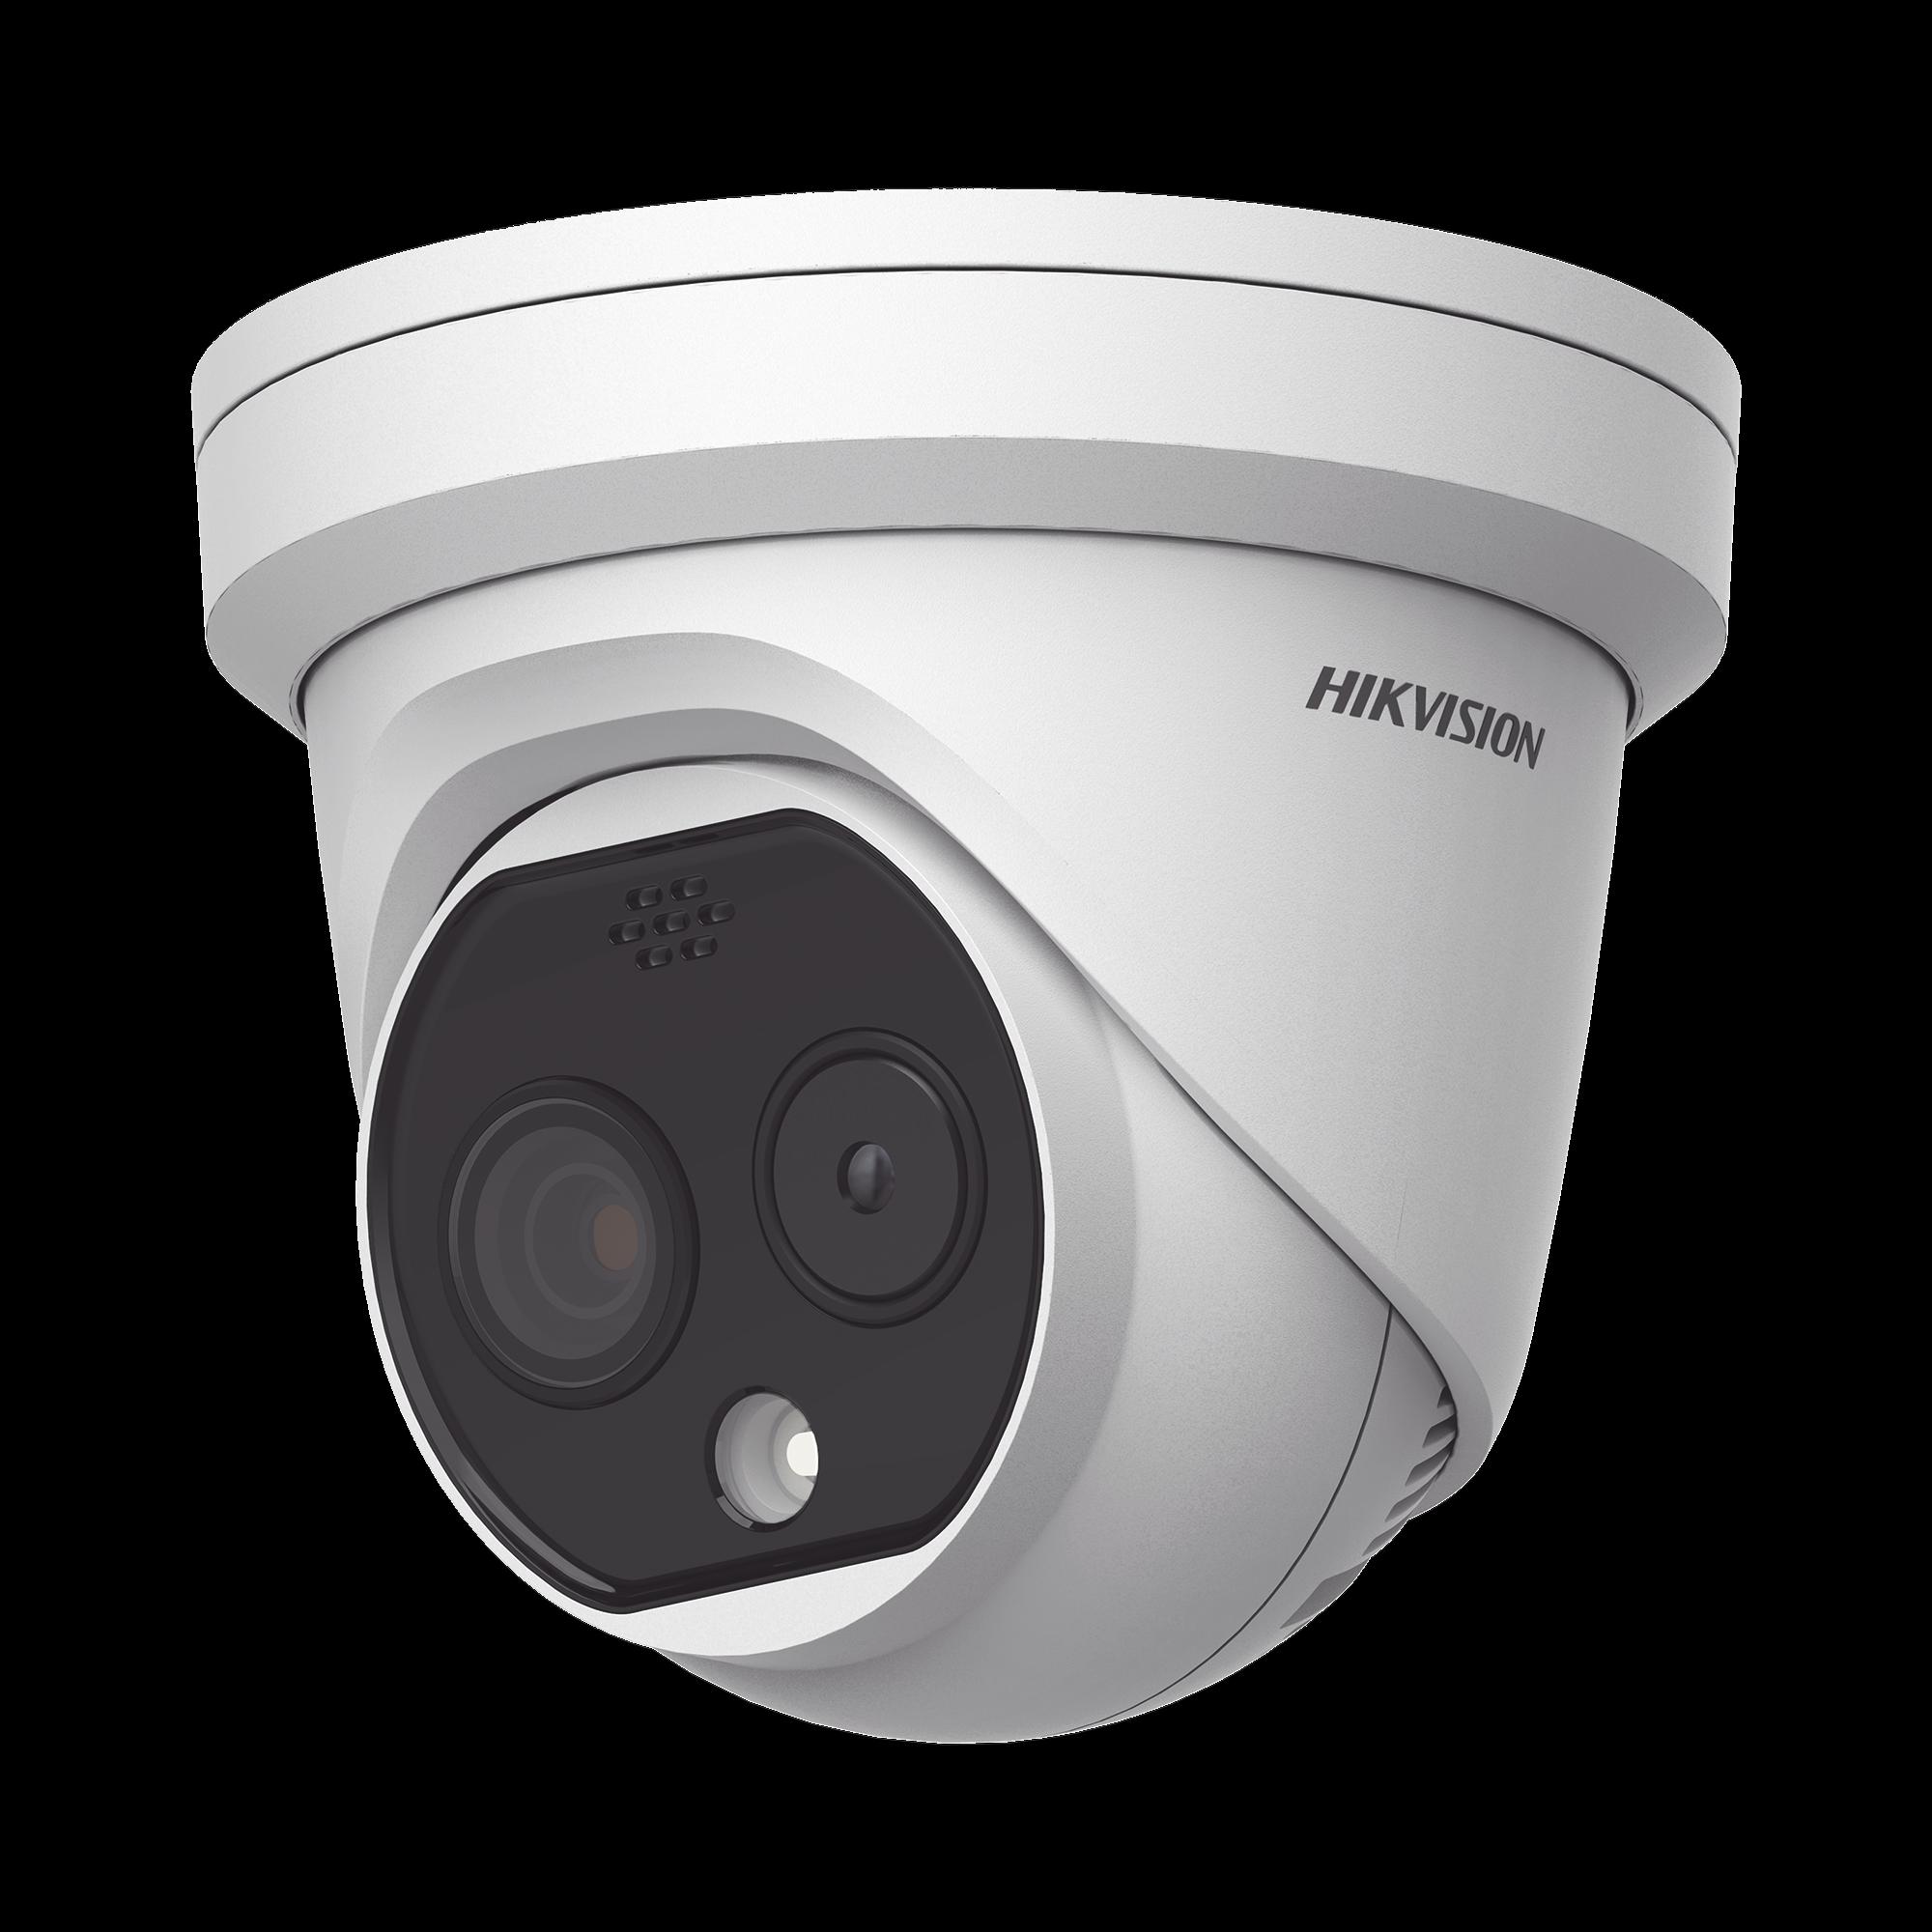 Turret IP Dual / Térmica 6.2 mm (320X 240 ) / óptico 8 mm (4 Megapixel) / 15 mts IR / IP67 / PoE / Termométrica / Detección de Temperatura